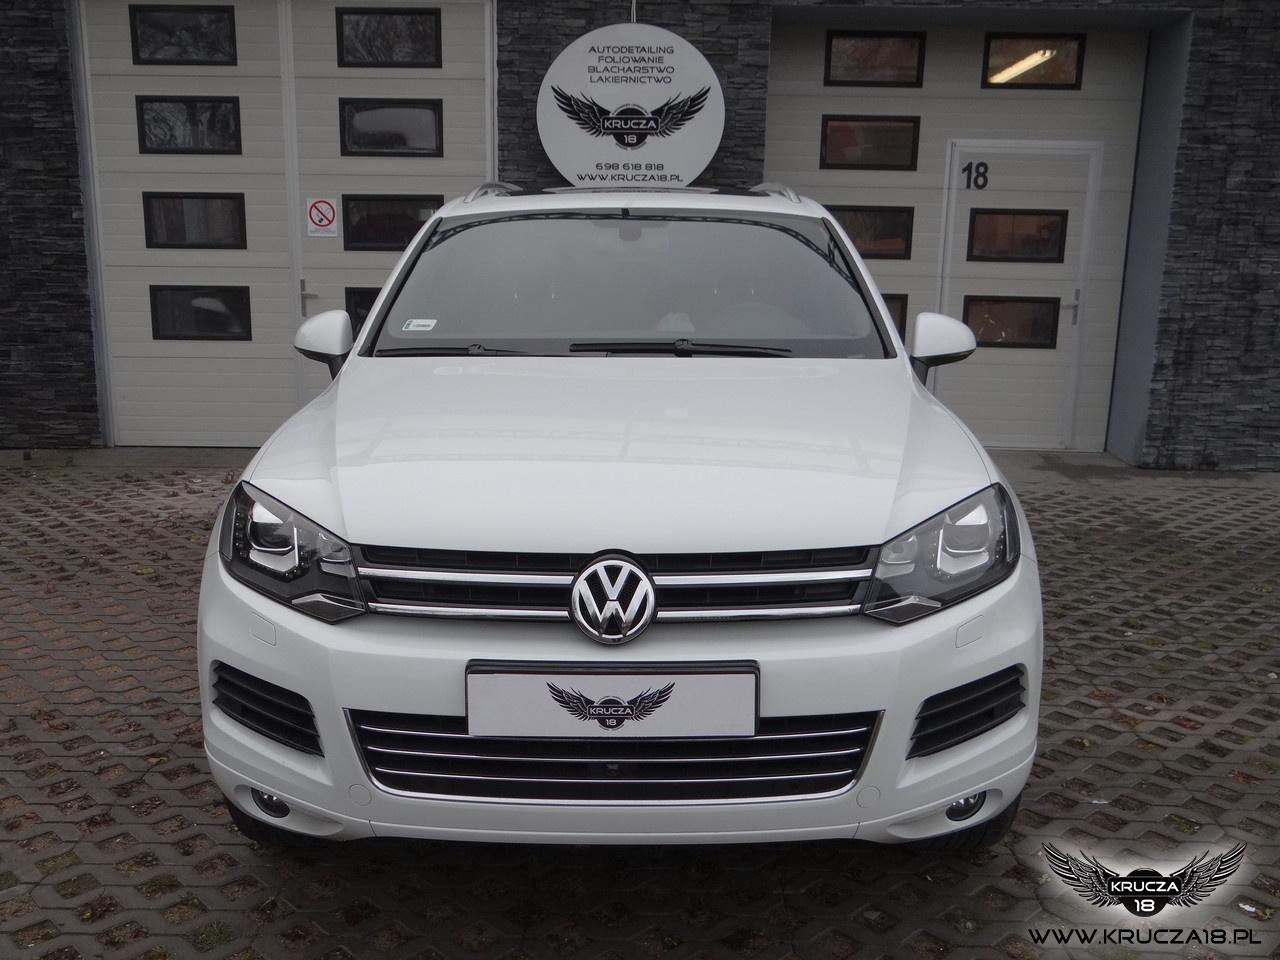 VW Touareg-Ceramic PRO 9H +zabezpieczenie przodu pojazdu folią bezbarwną STONE PROTECT